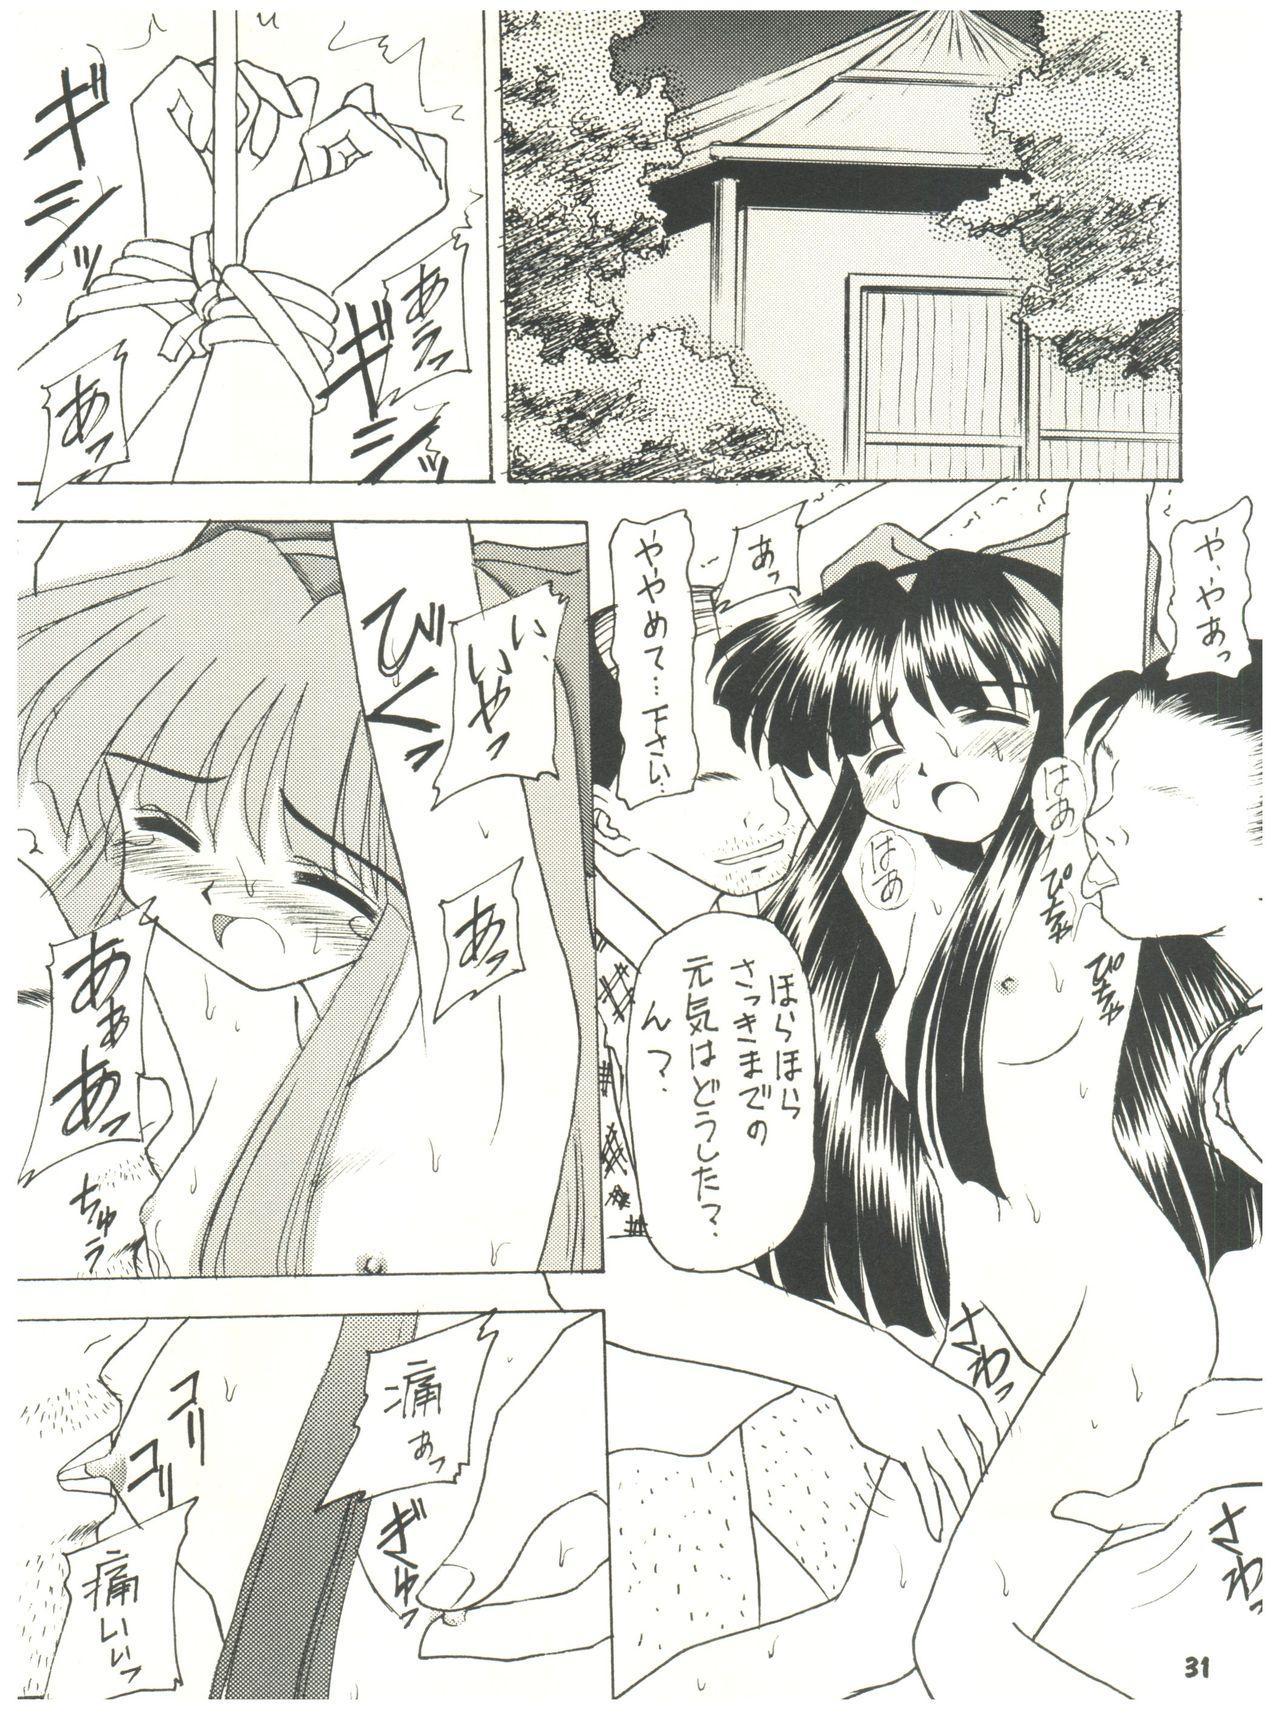 [Sairo Publishing (J. Sairo) En-Jack 2 (Various) 30